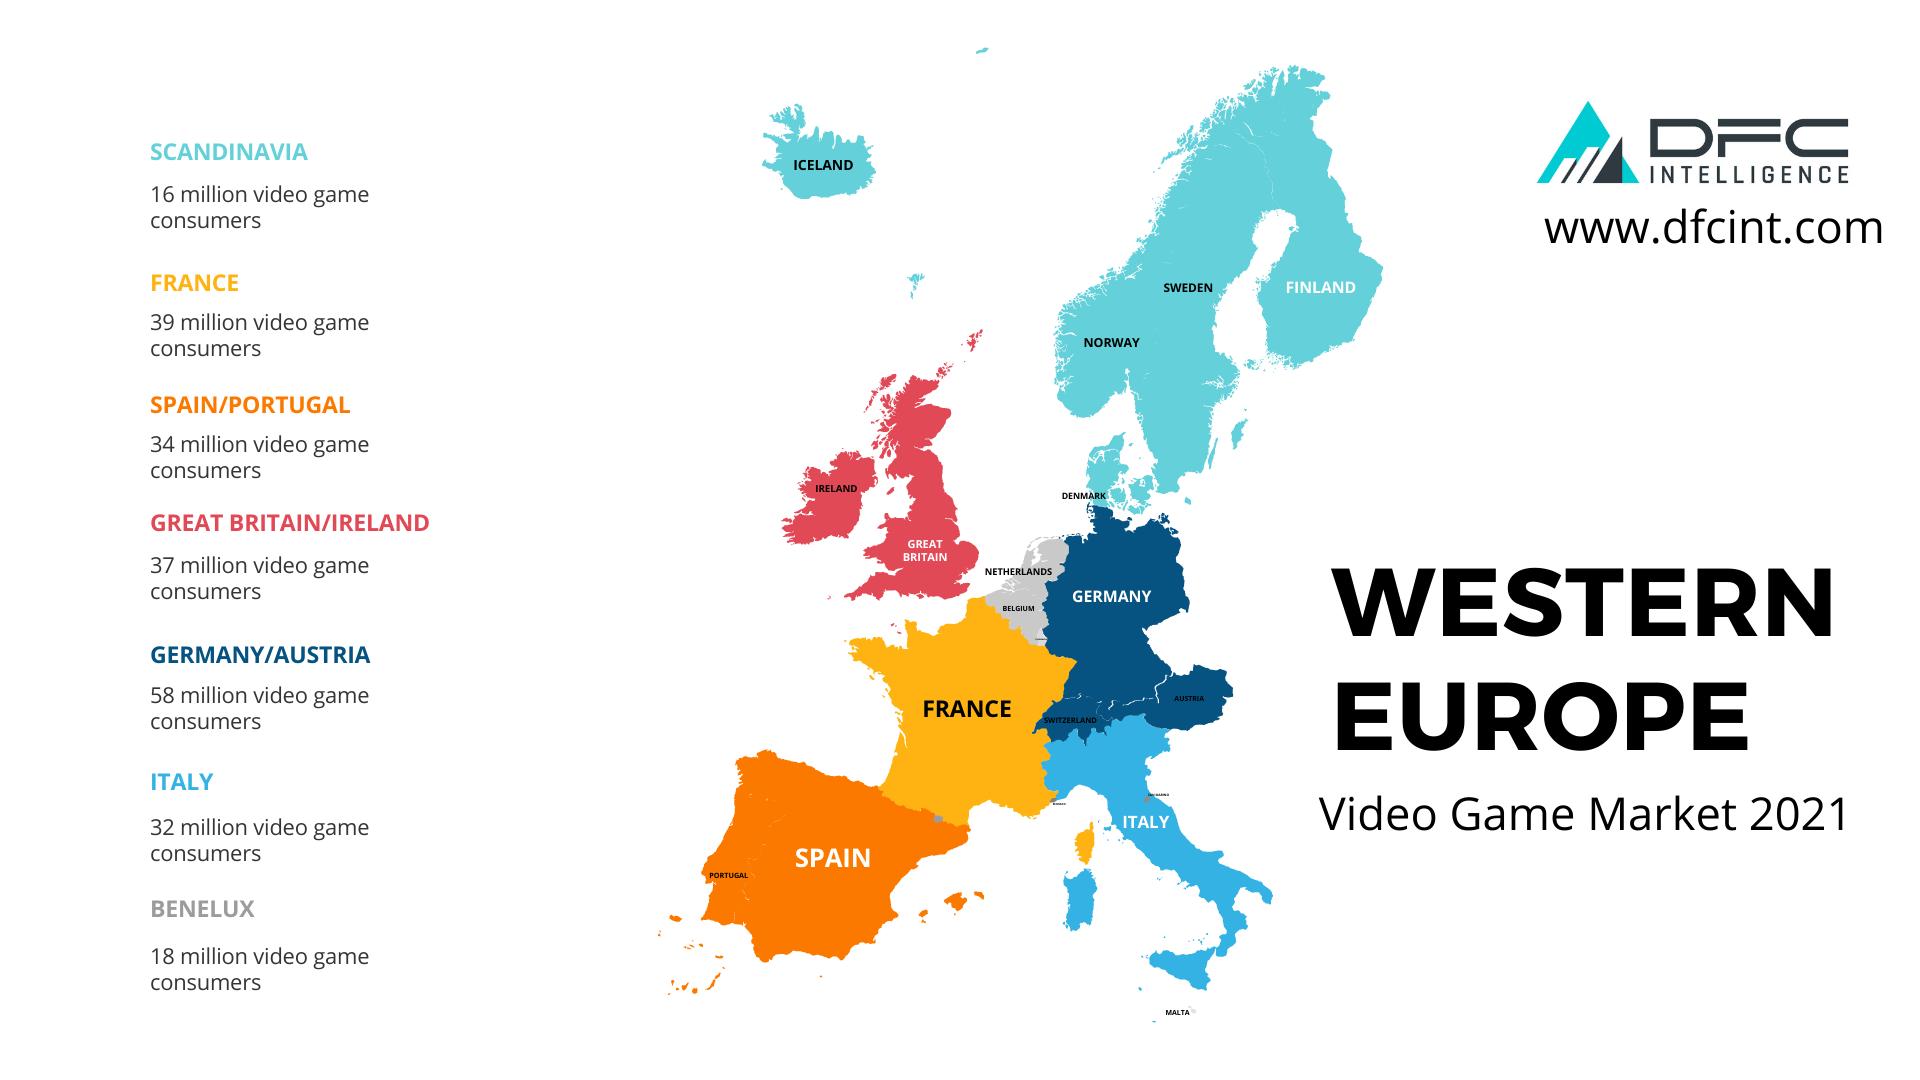 Western European Video Game Market 2021